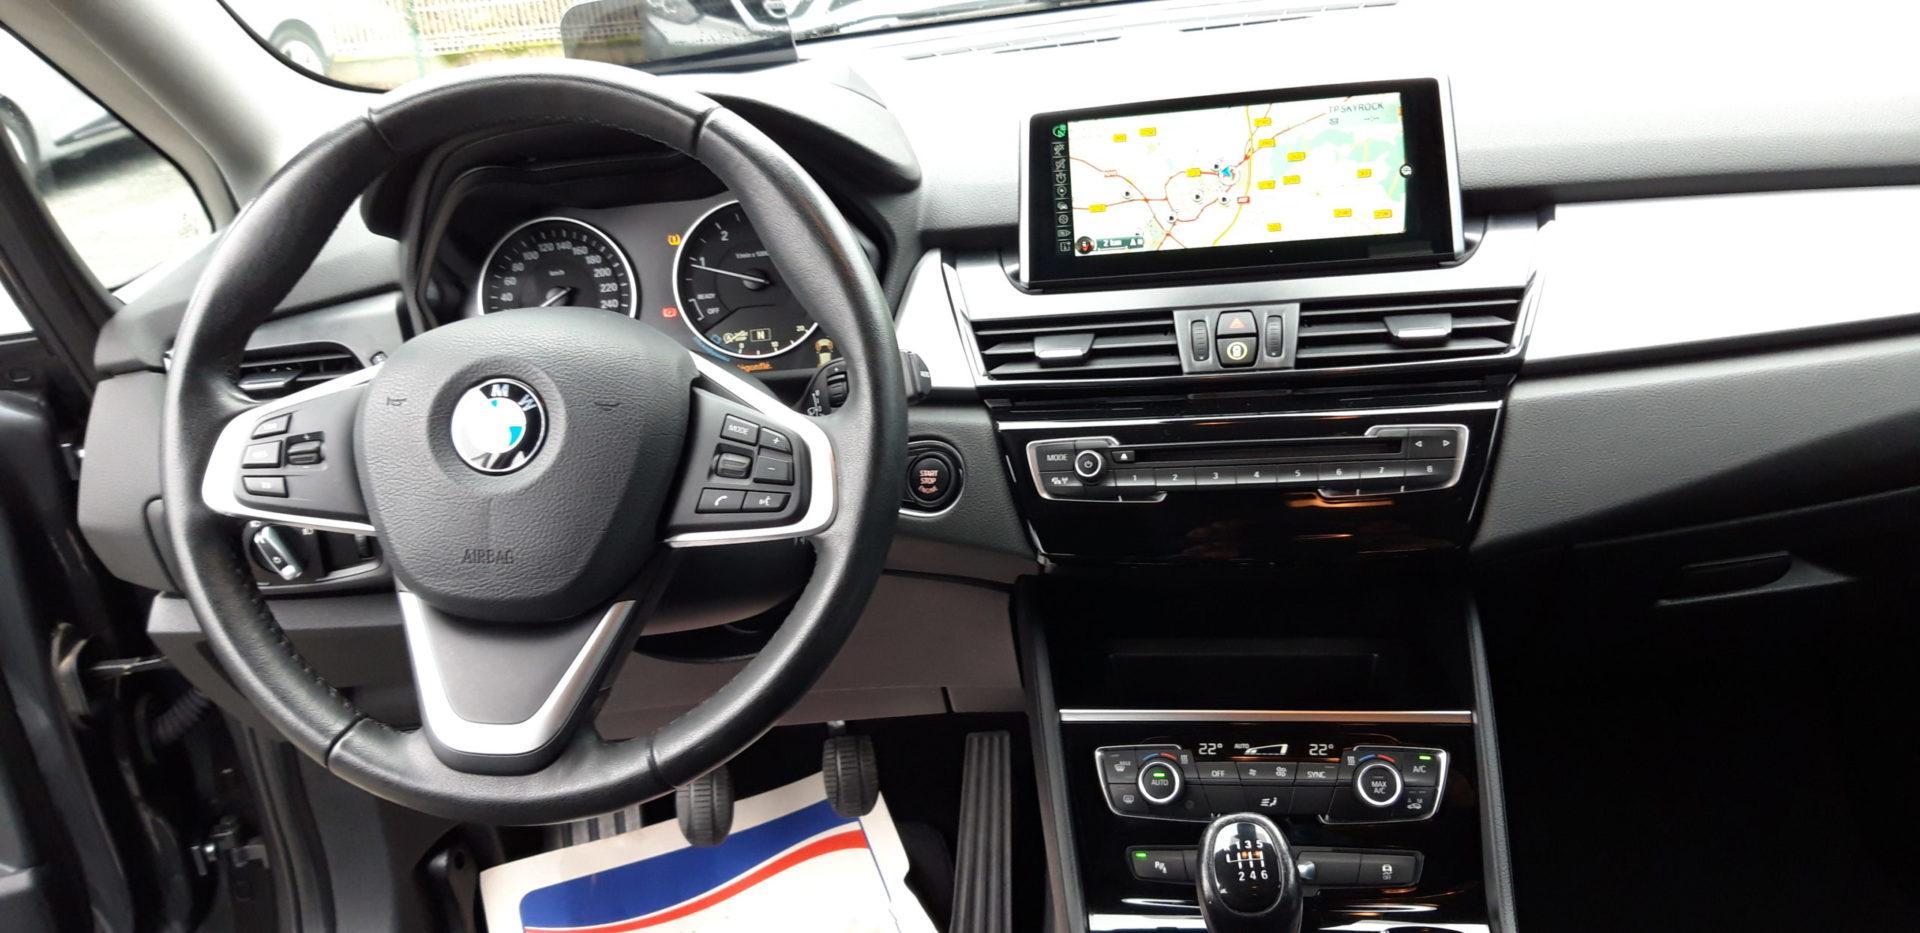 Garage Jallier Tharreau Garage Automobile Cholet Location Vehicule 9 Places 20210107 113746 1452